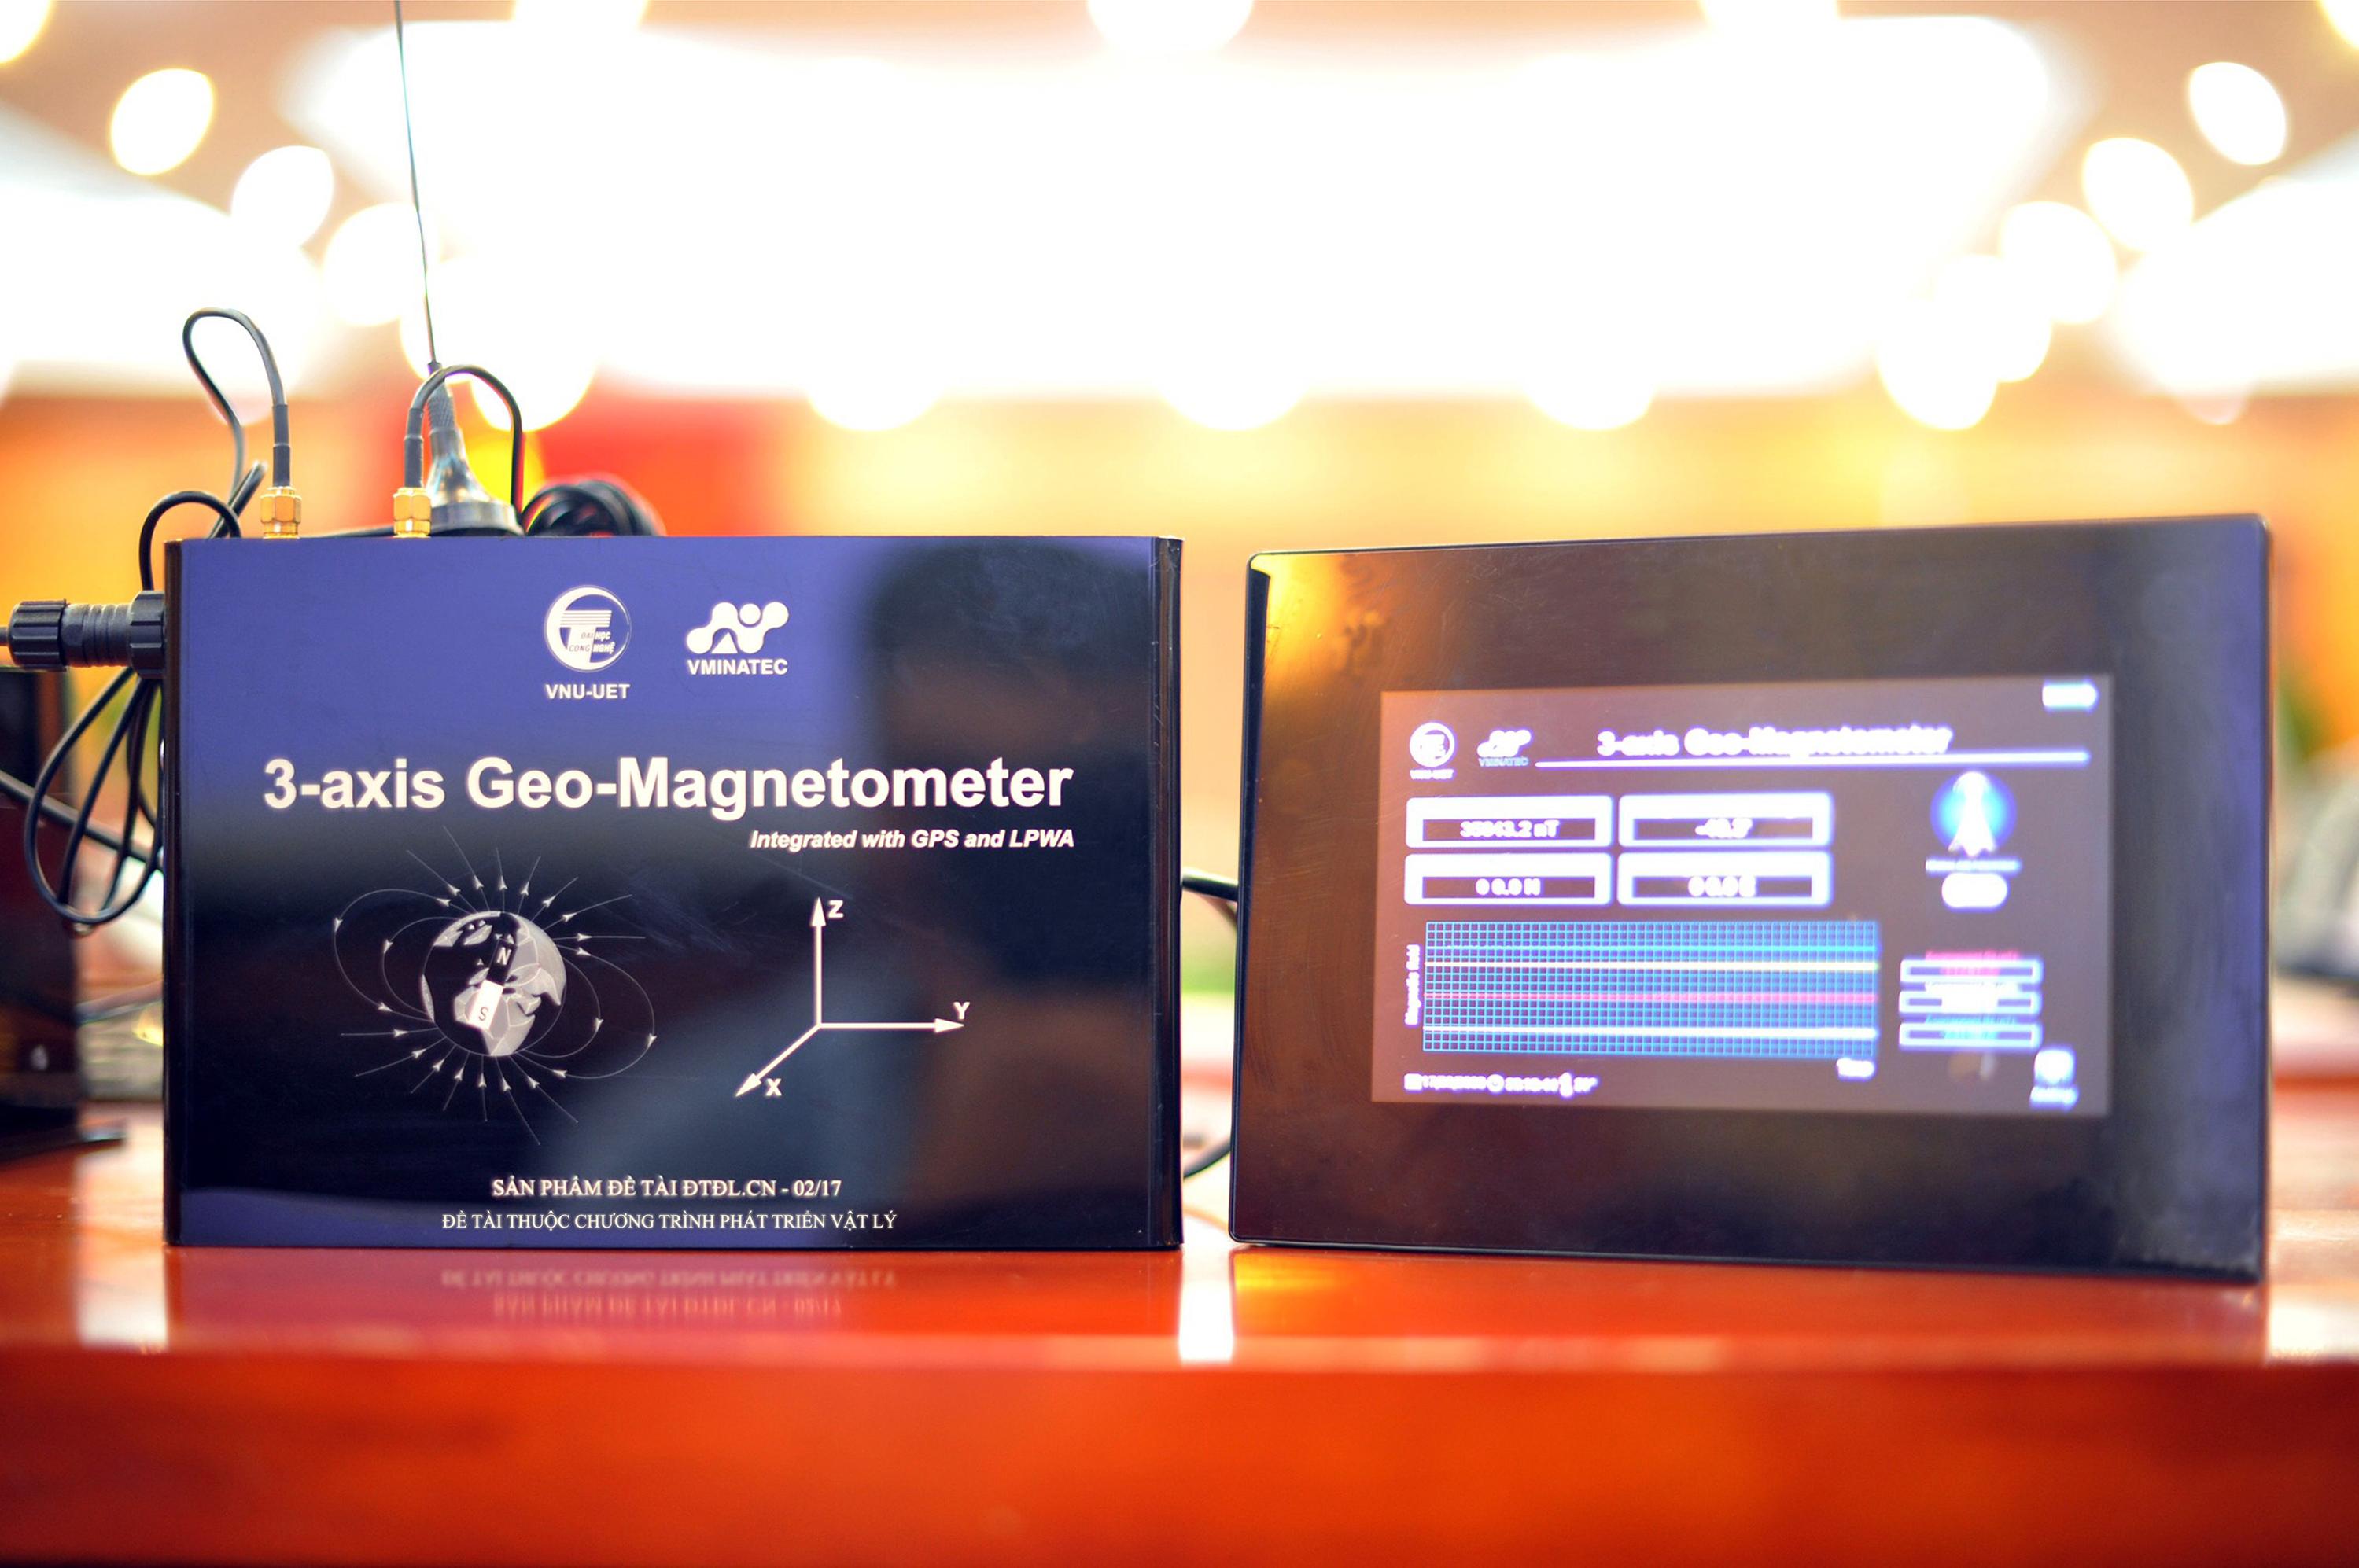 Hệ thống thiết bị đo từ trường Trái đất tích hợp kỹ thuật GPS và truyền phát không dây